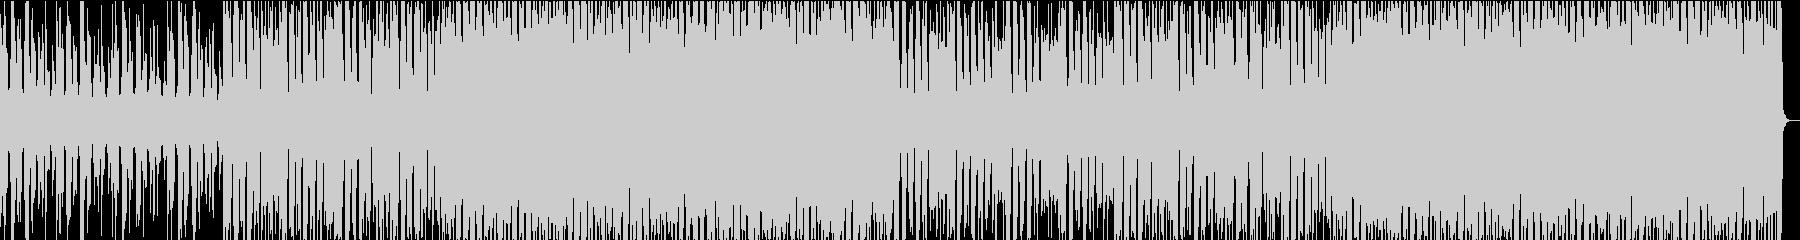 クラシックスタイルのディスコの未再生の波形